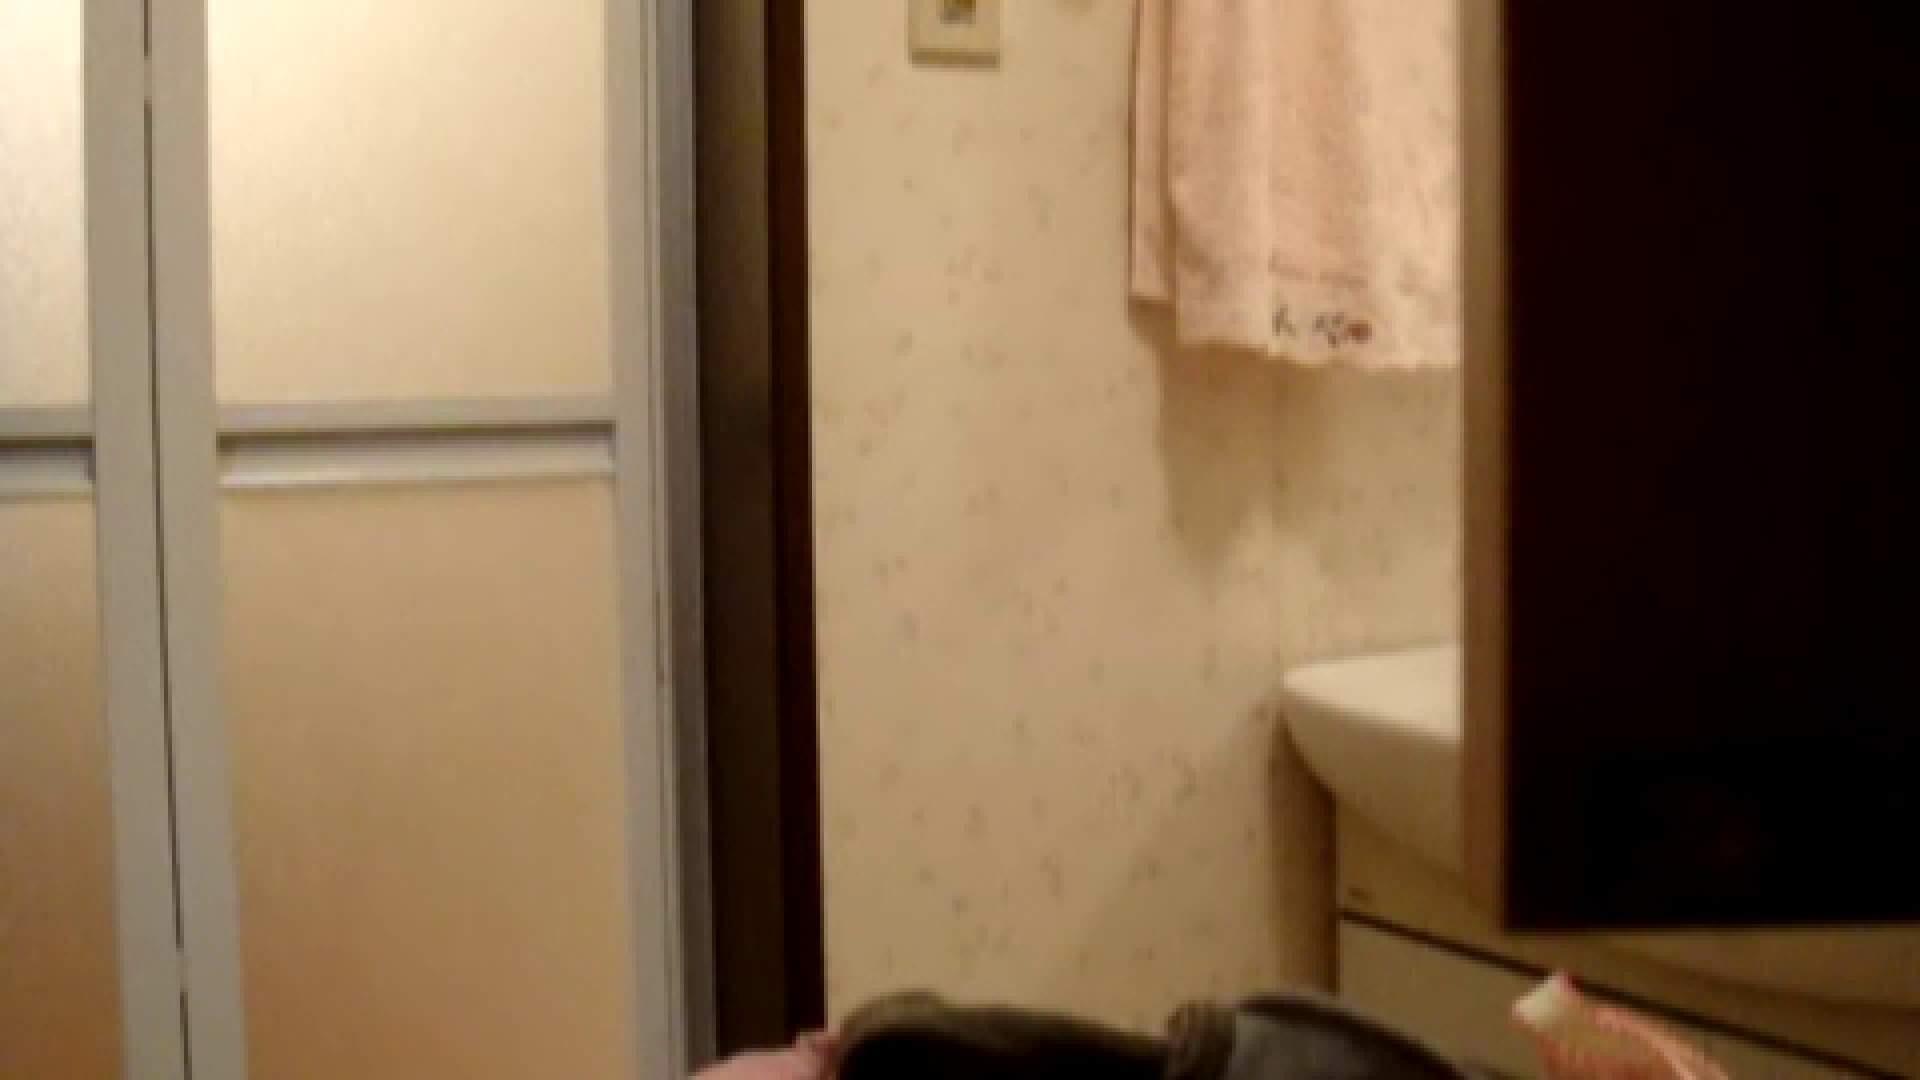 二人とも育てた甲斐がありました… vol.08 まどかの入浴中にカメラに気付いたか!? 入浴  84PIX 54